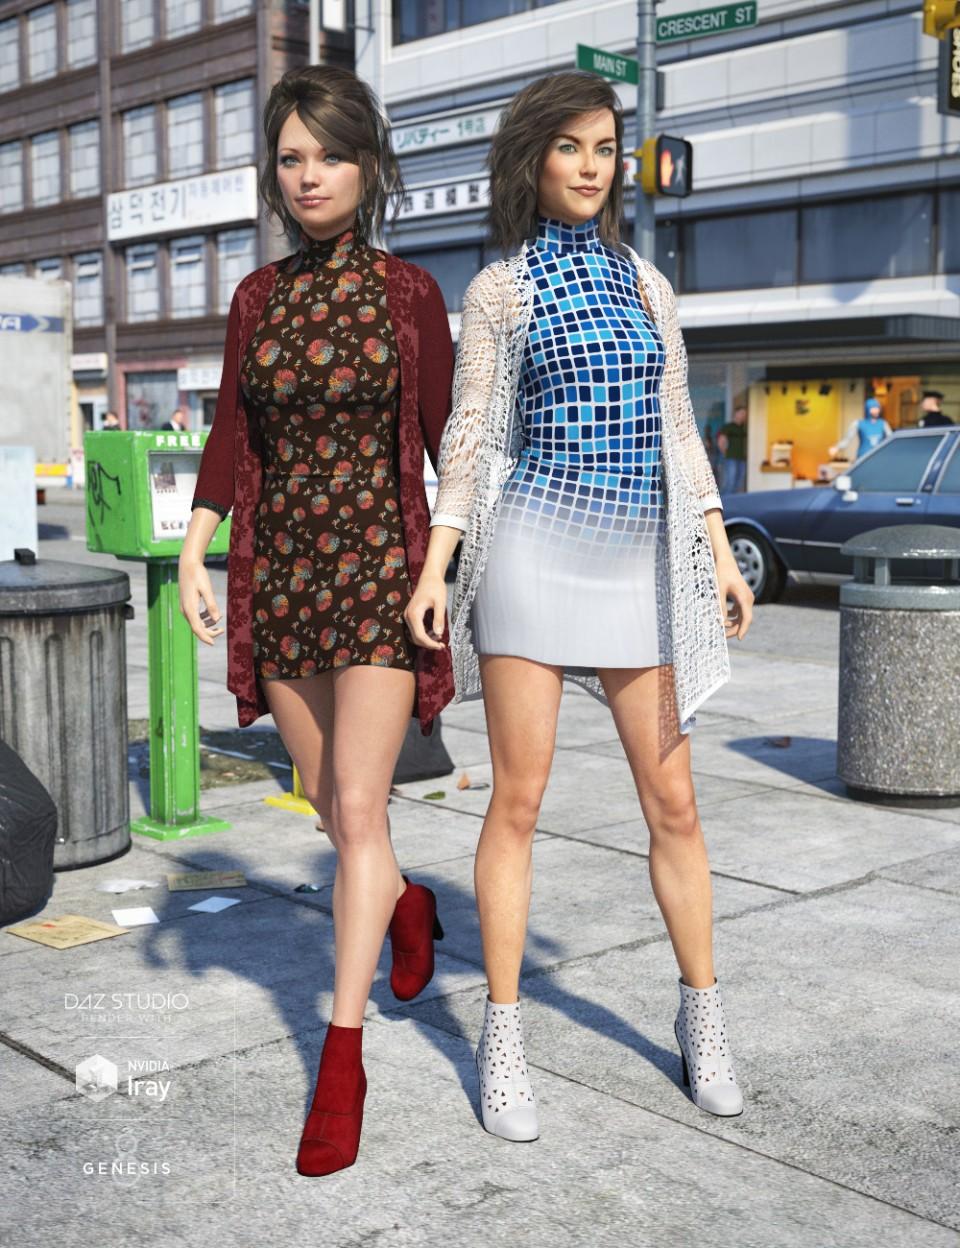 Cardigan Dress Outfit Textures_DAZ3D下载站